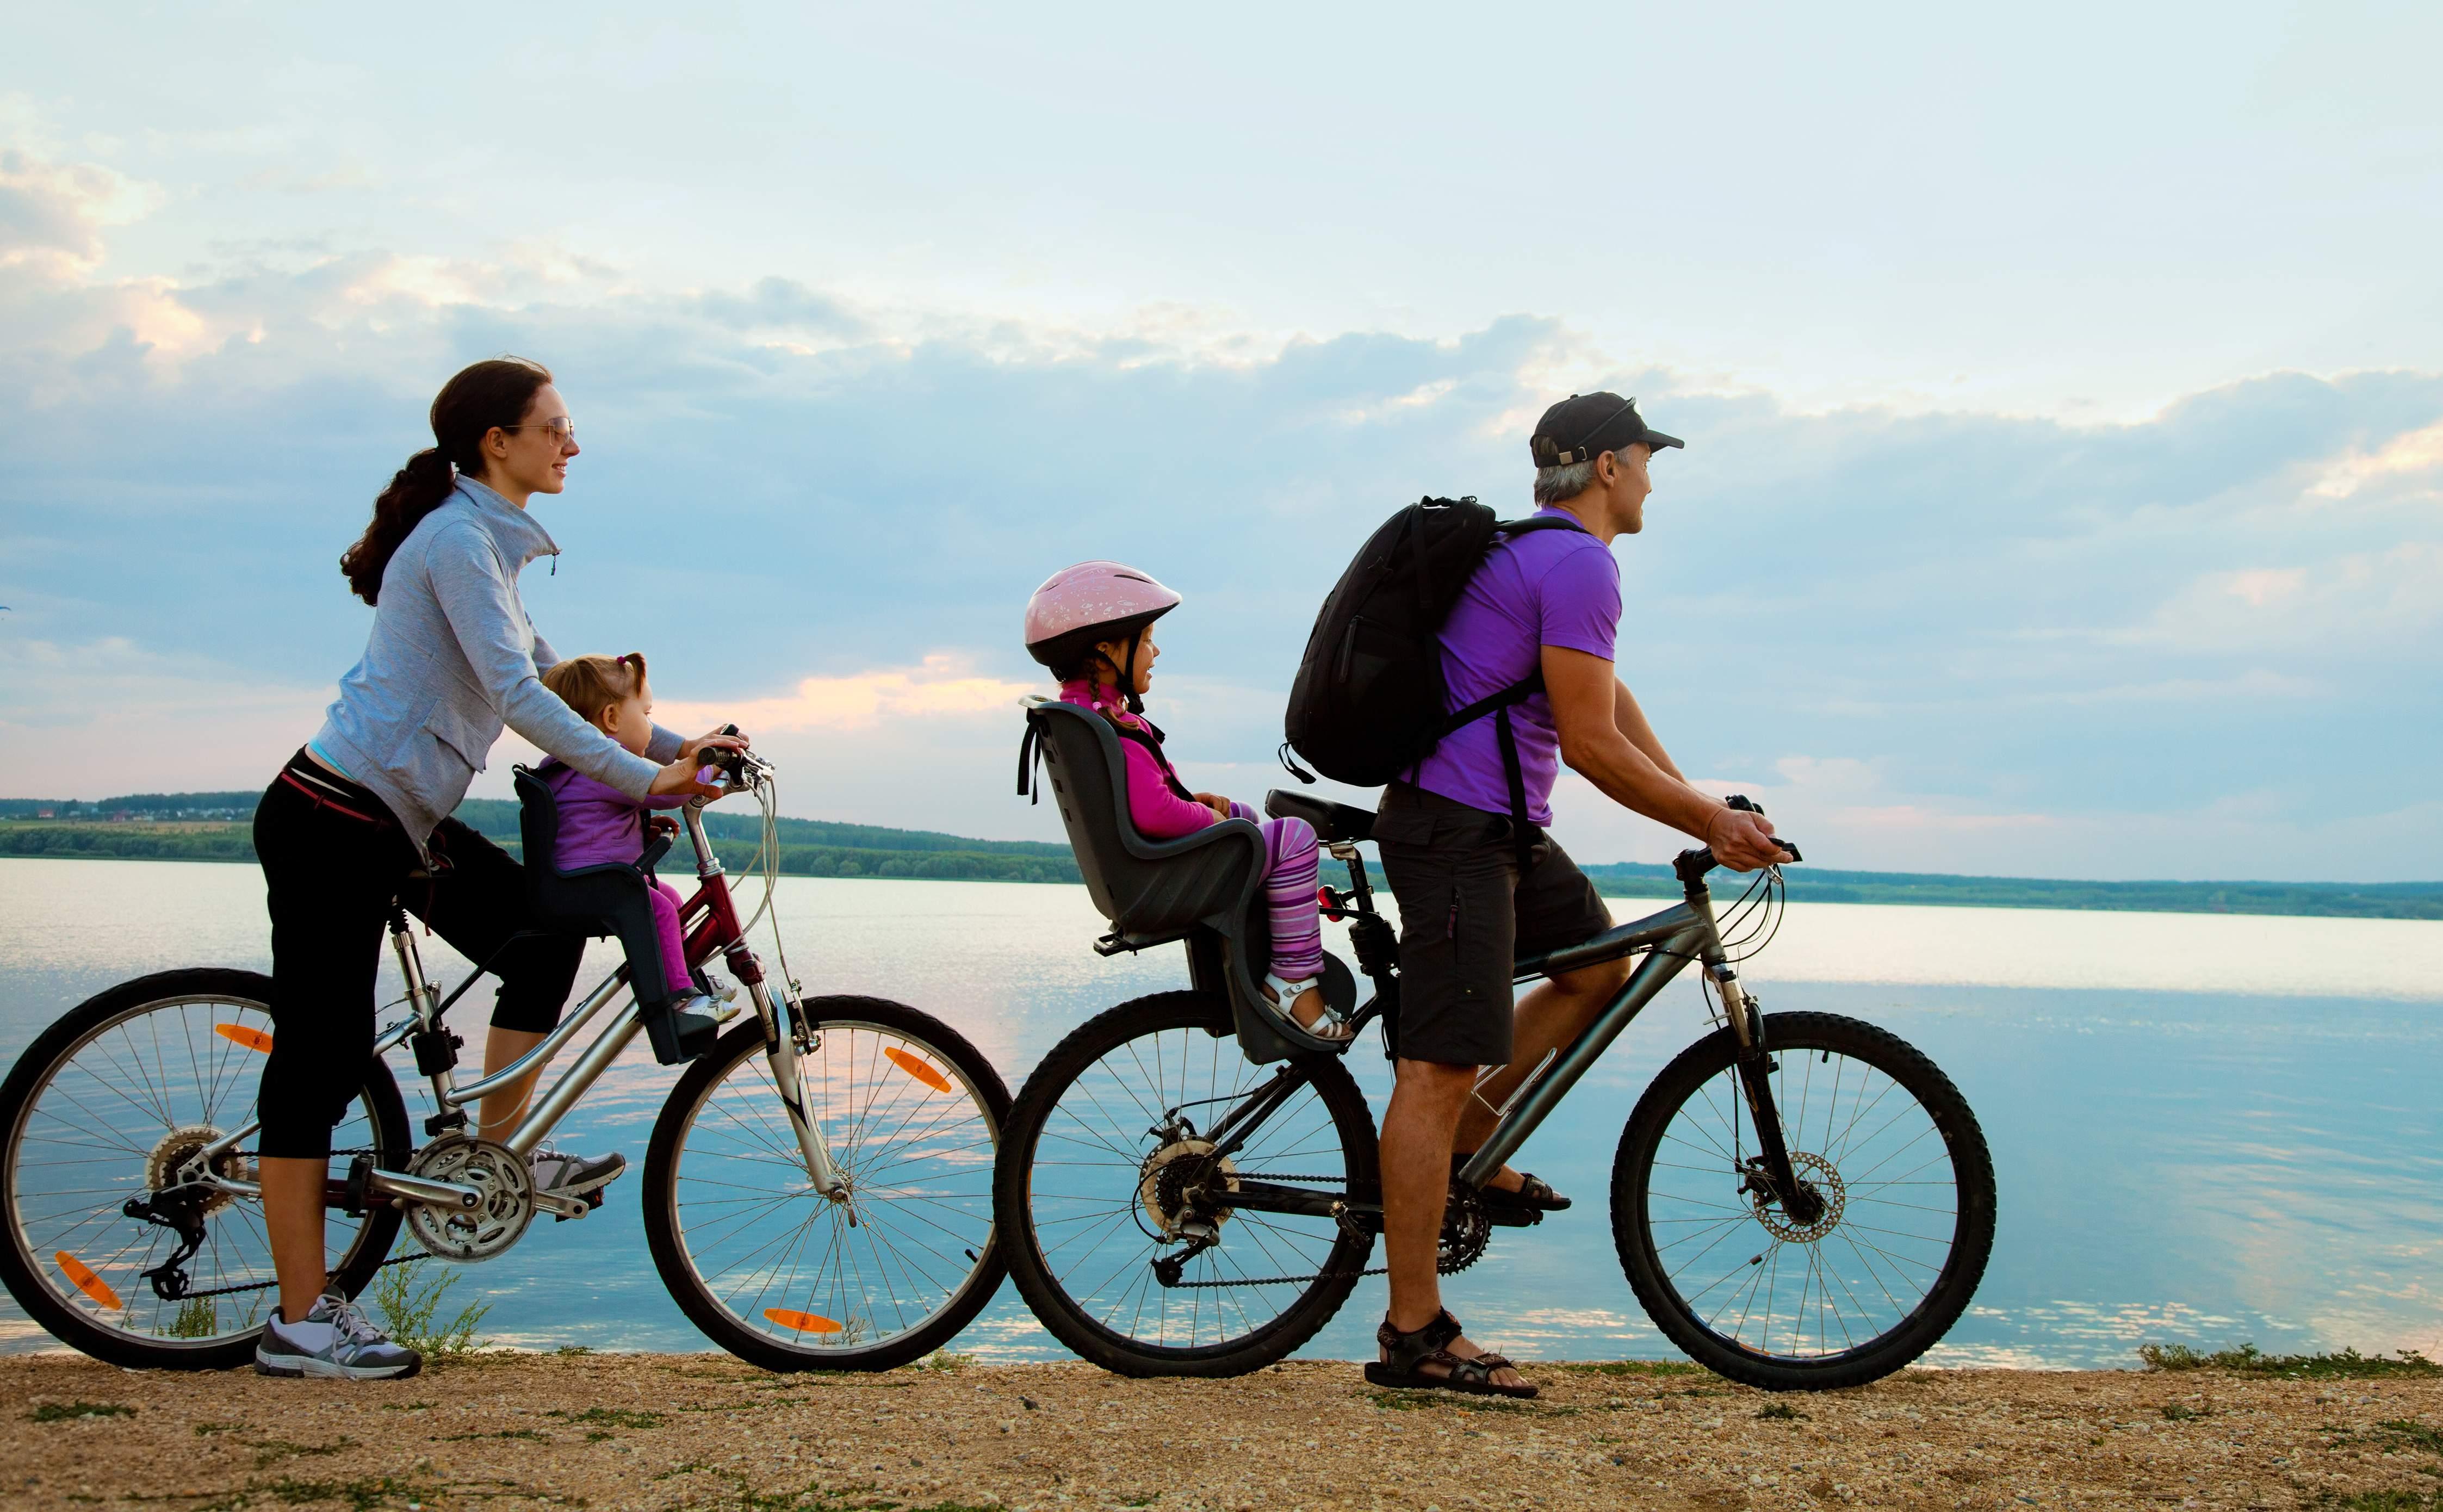 """80 ξενοδοχεία στην Ελλάδα δηλώνουν ήδη """"Bike Friendly"""" - Φωτογραφία 1"""